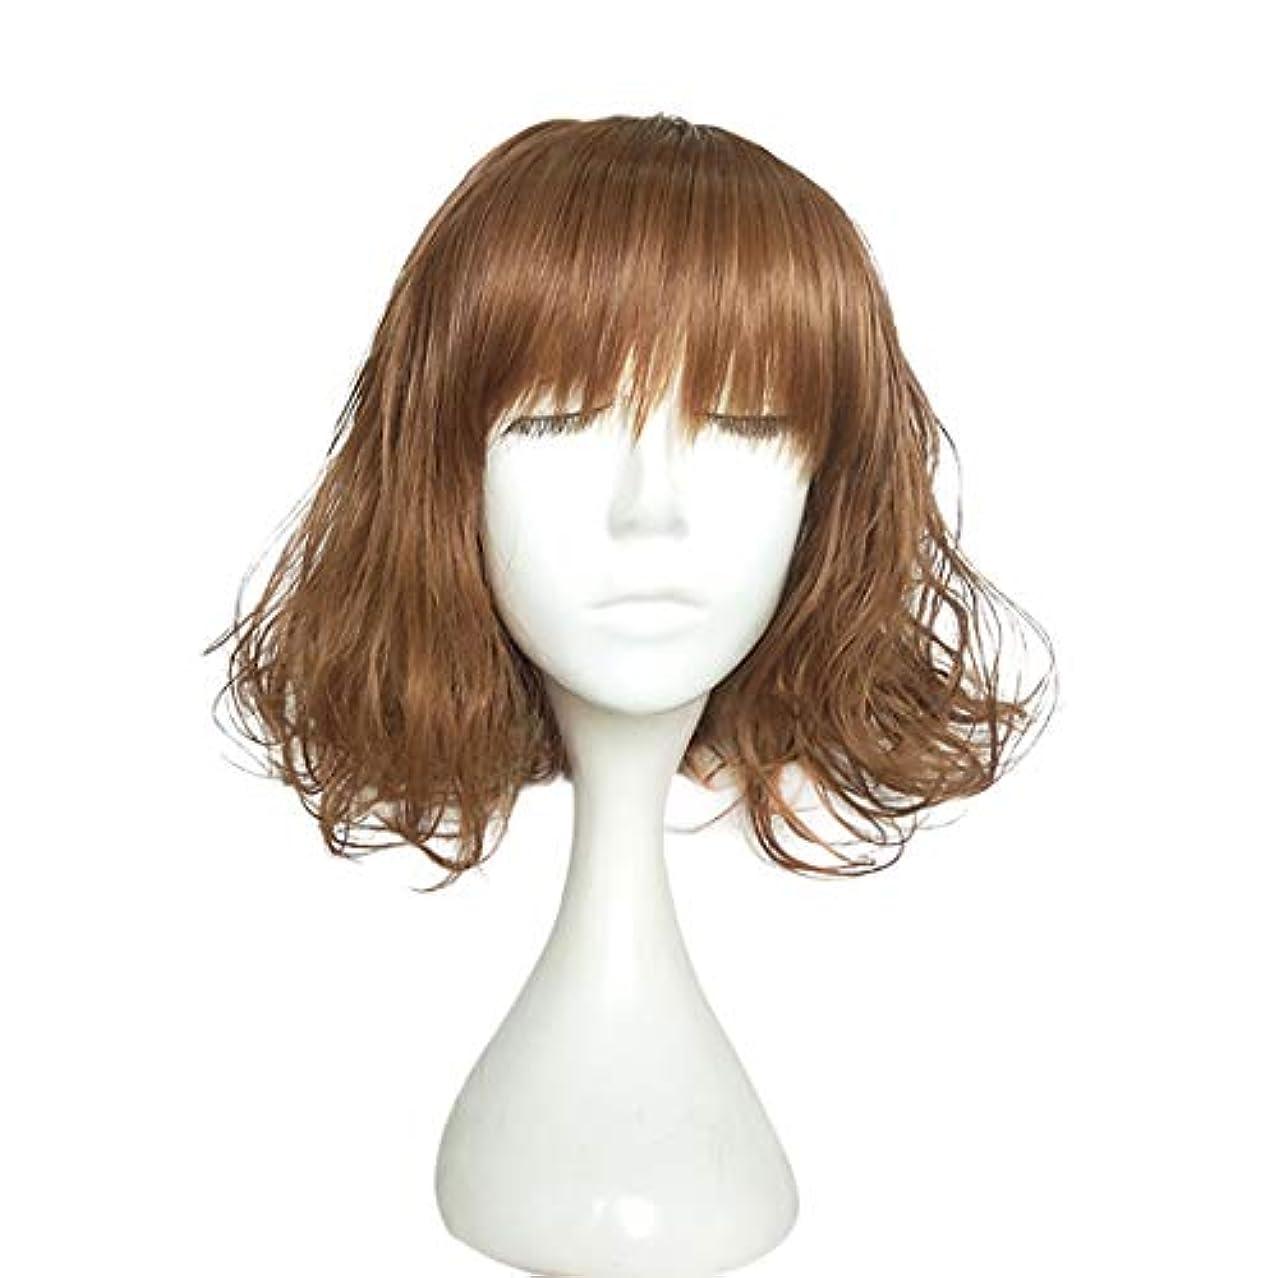 放射する賠償どんなときもYOUQIU レディースかつらチー劉ハイマイクロ短い髪ふんわりナチュラルスウィートウィッグウィッグ (色 : Light brown (picture color))